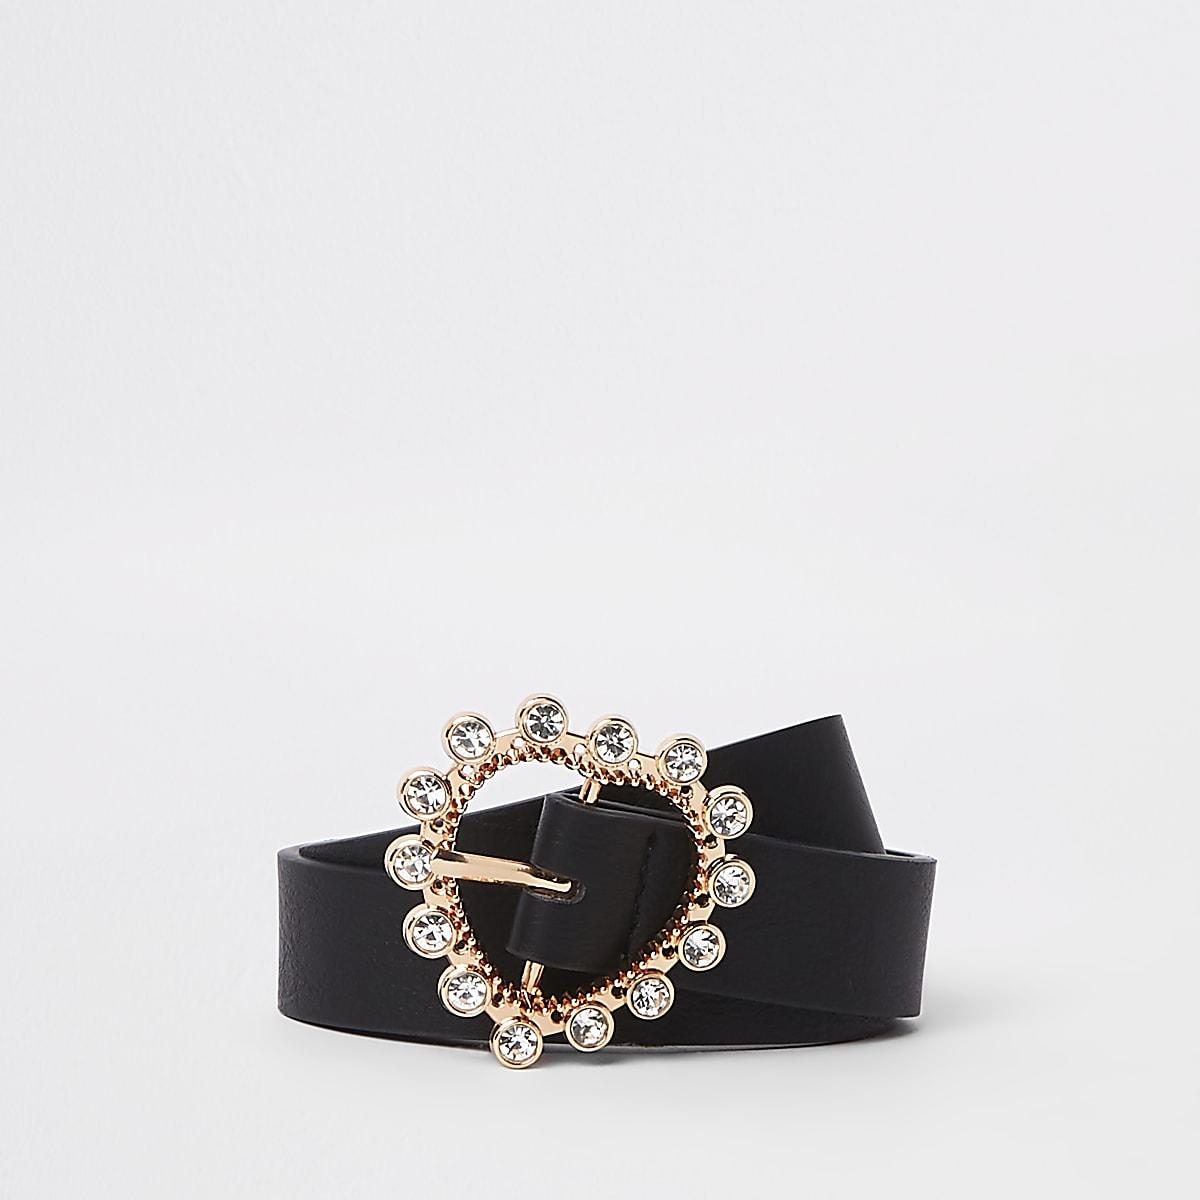 Zwarte riem met gesp, hart en diamantjes voor meisjes